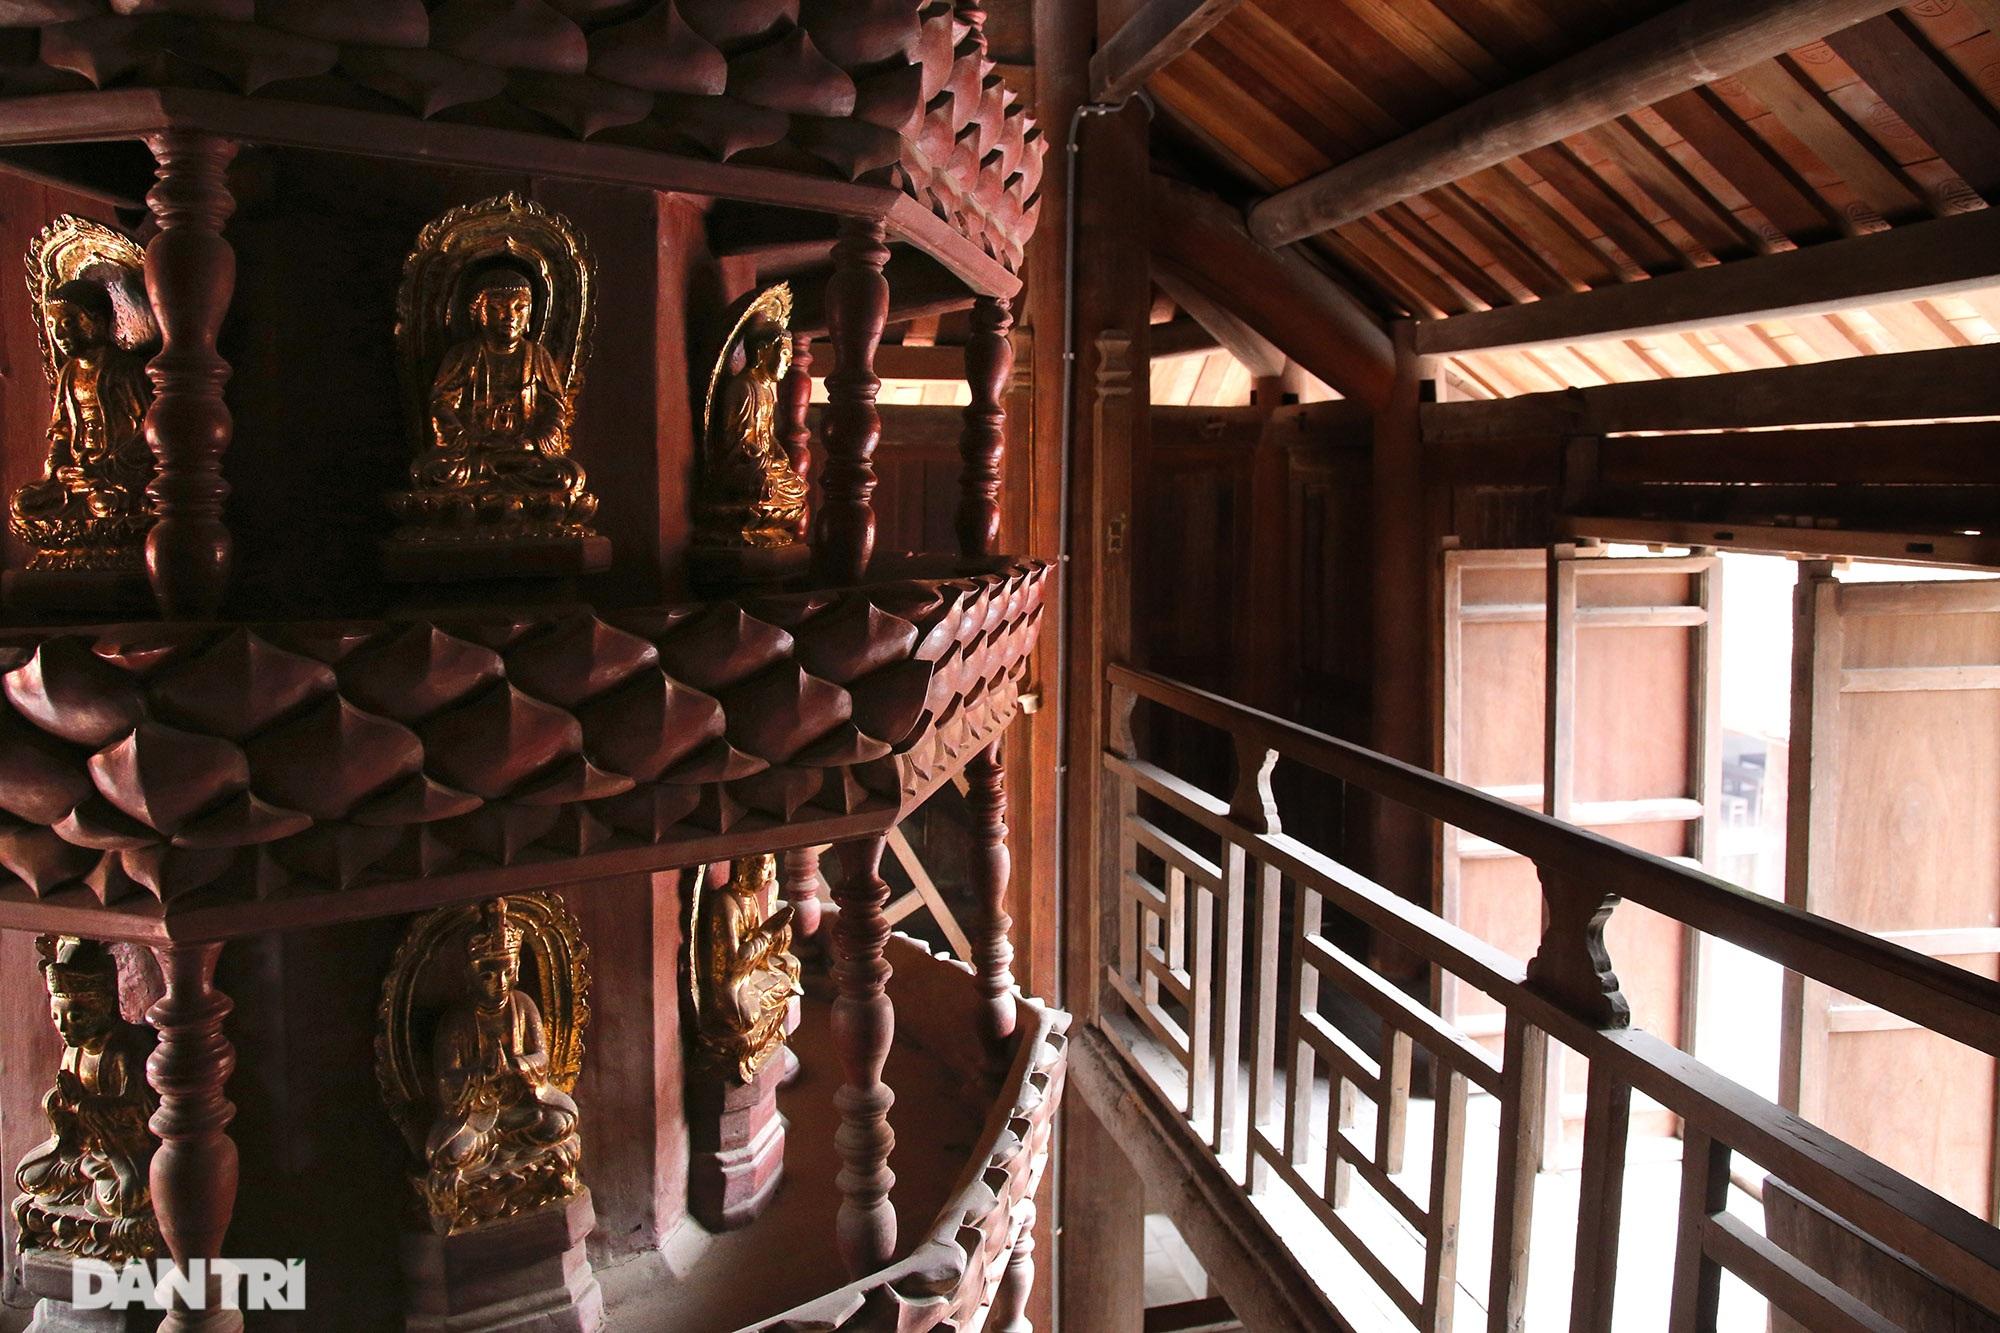 Chiêm ngưỡng bảo vật quốc gia mới: Kiệt tác Cửu phẩm liên hoa chùa Bút Tháp - 3